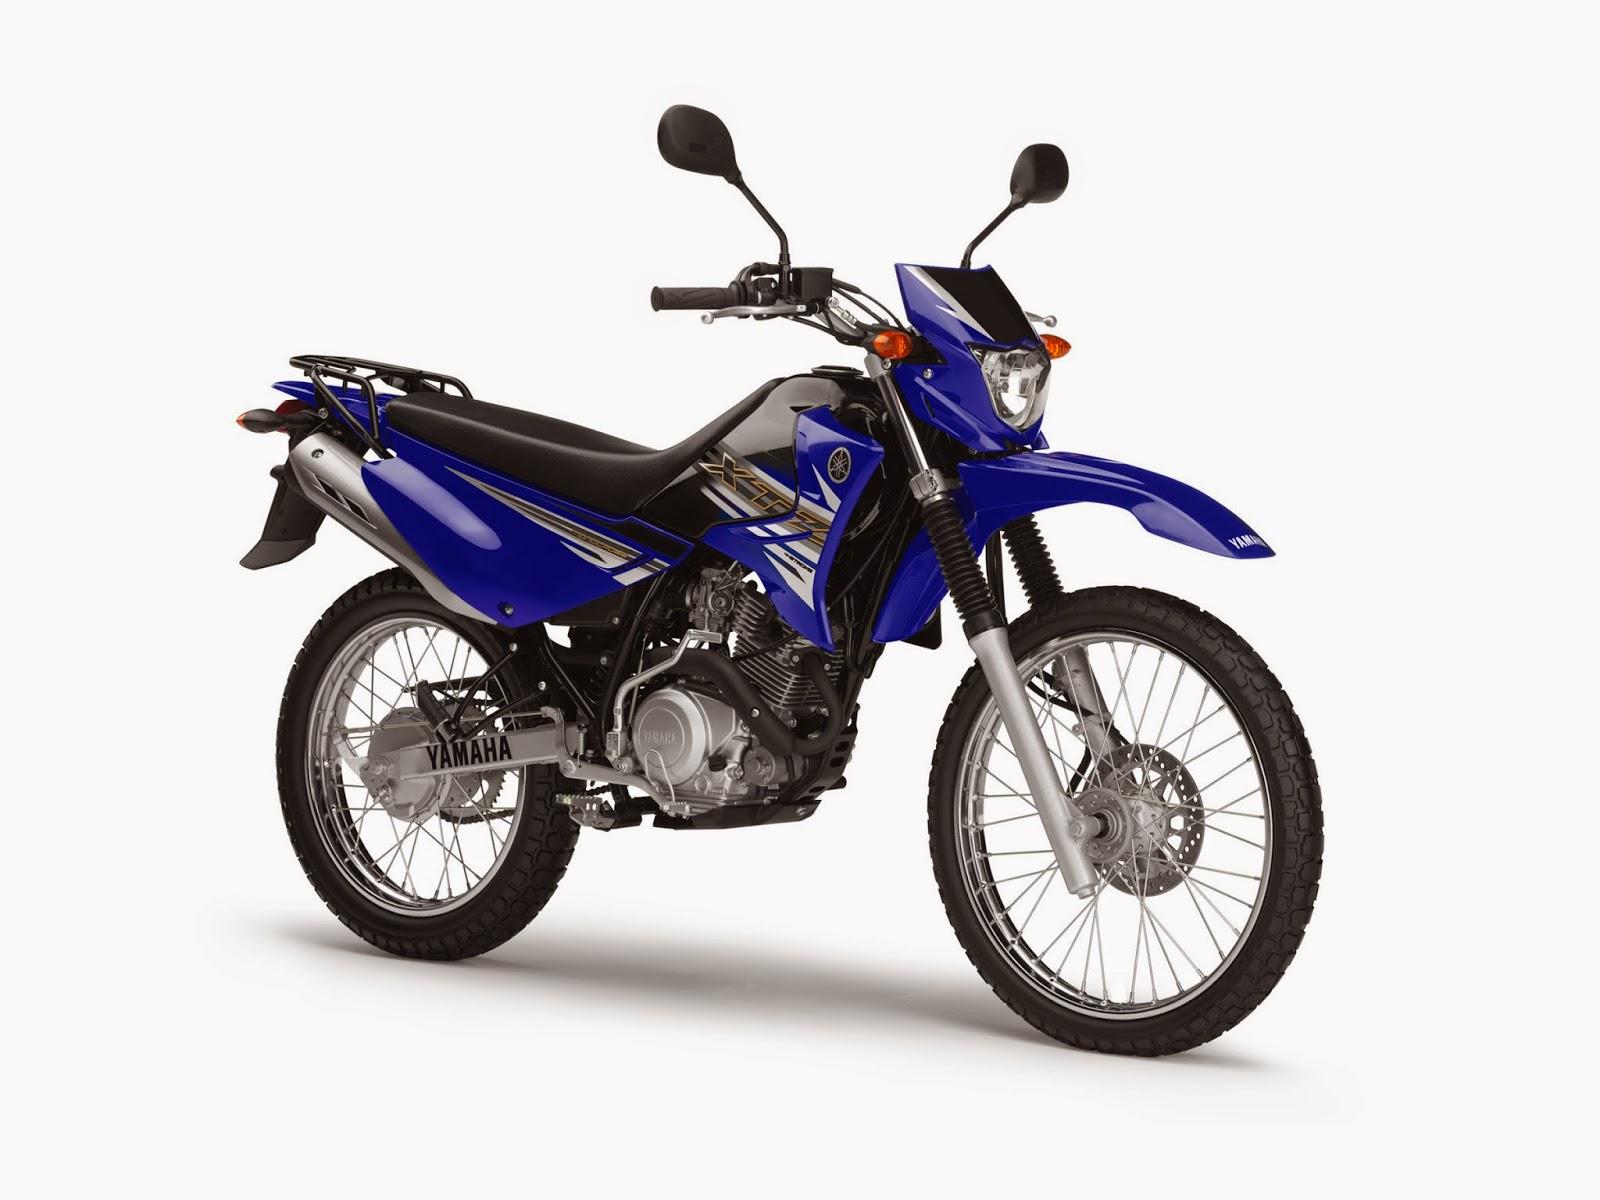 Todo sobre motos yamaha xtz 125 for Yamaha 125 l